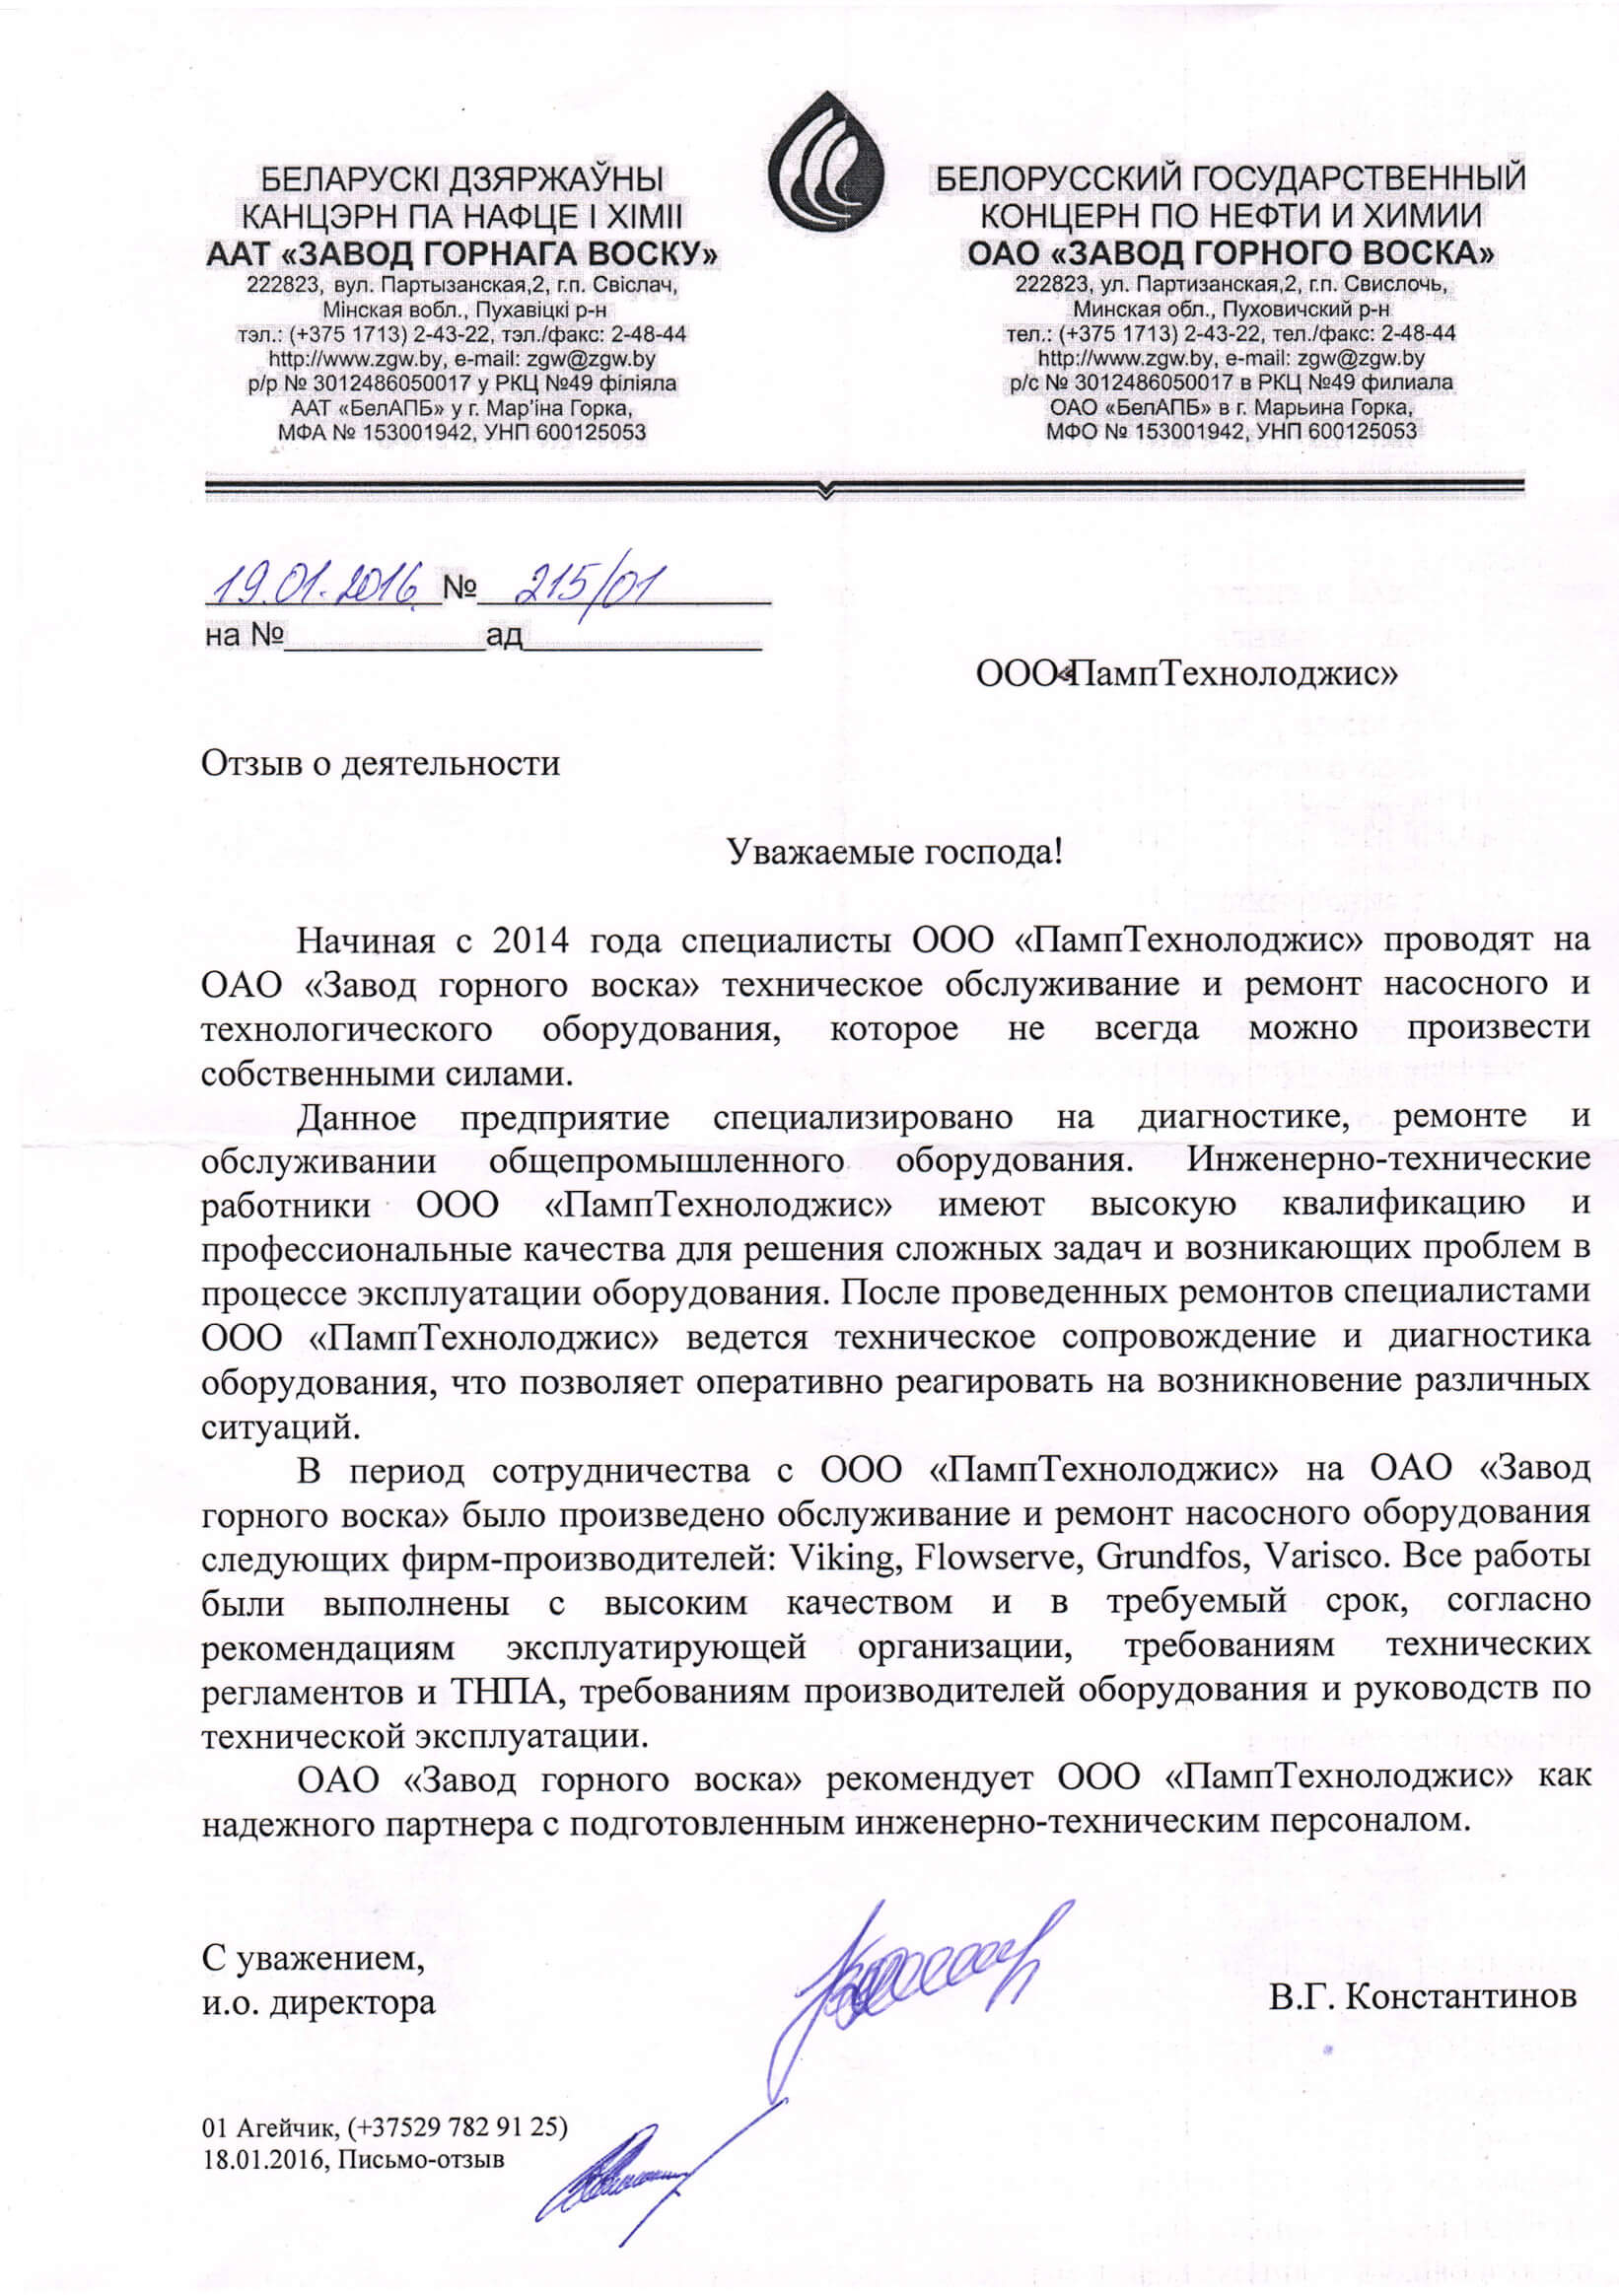 Отзыв ОАО «ЗАВОД ГОРНОГО ВОСКА»